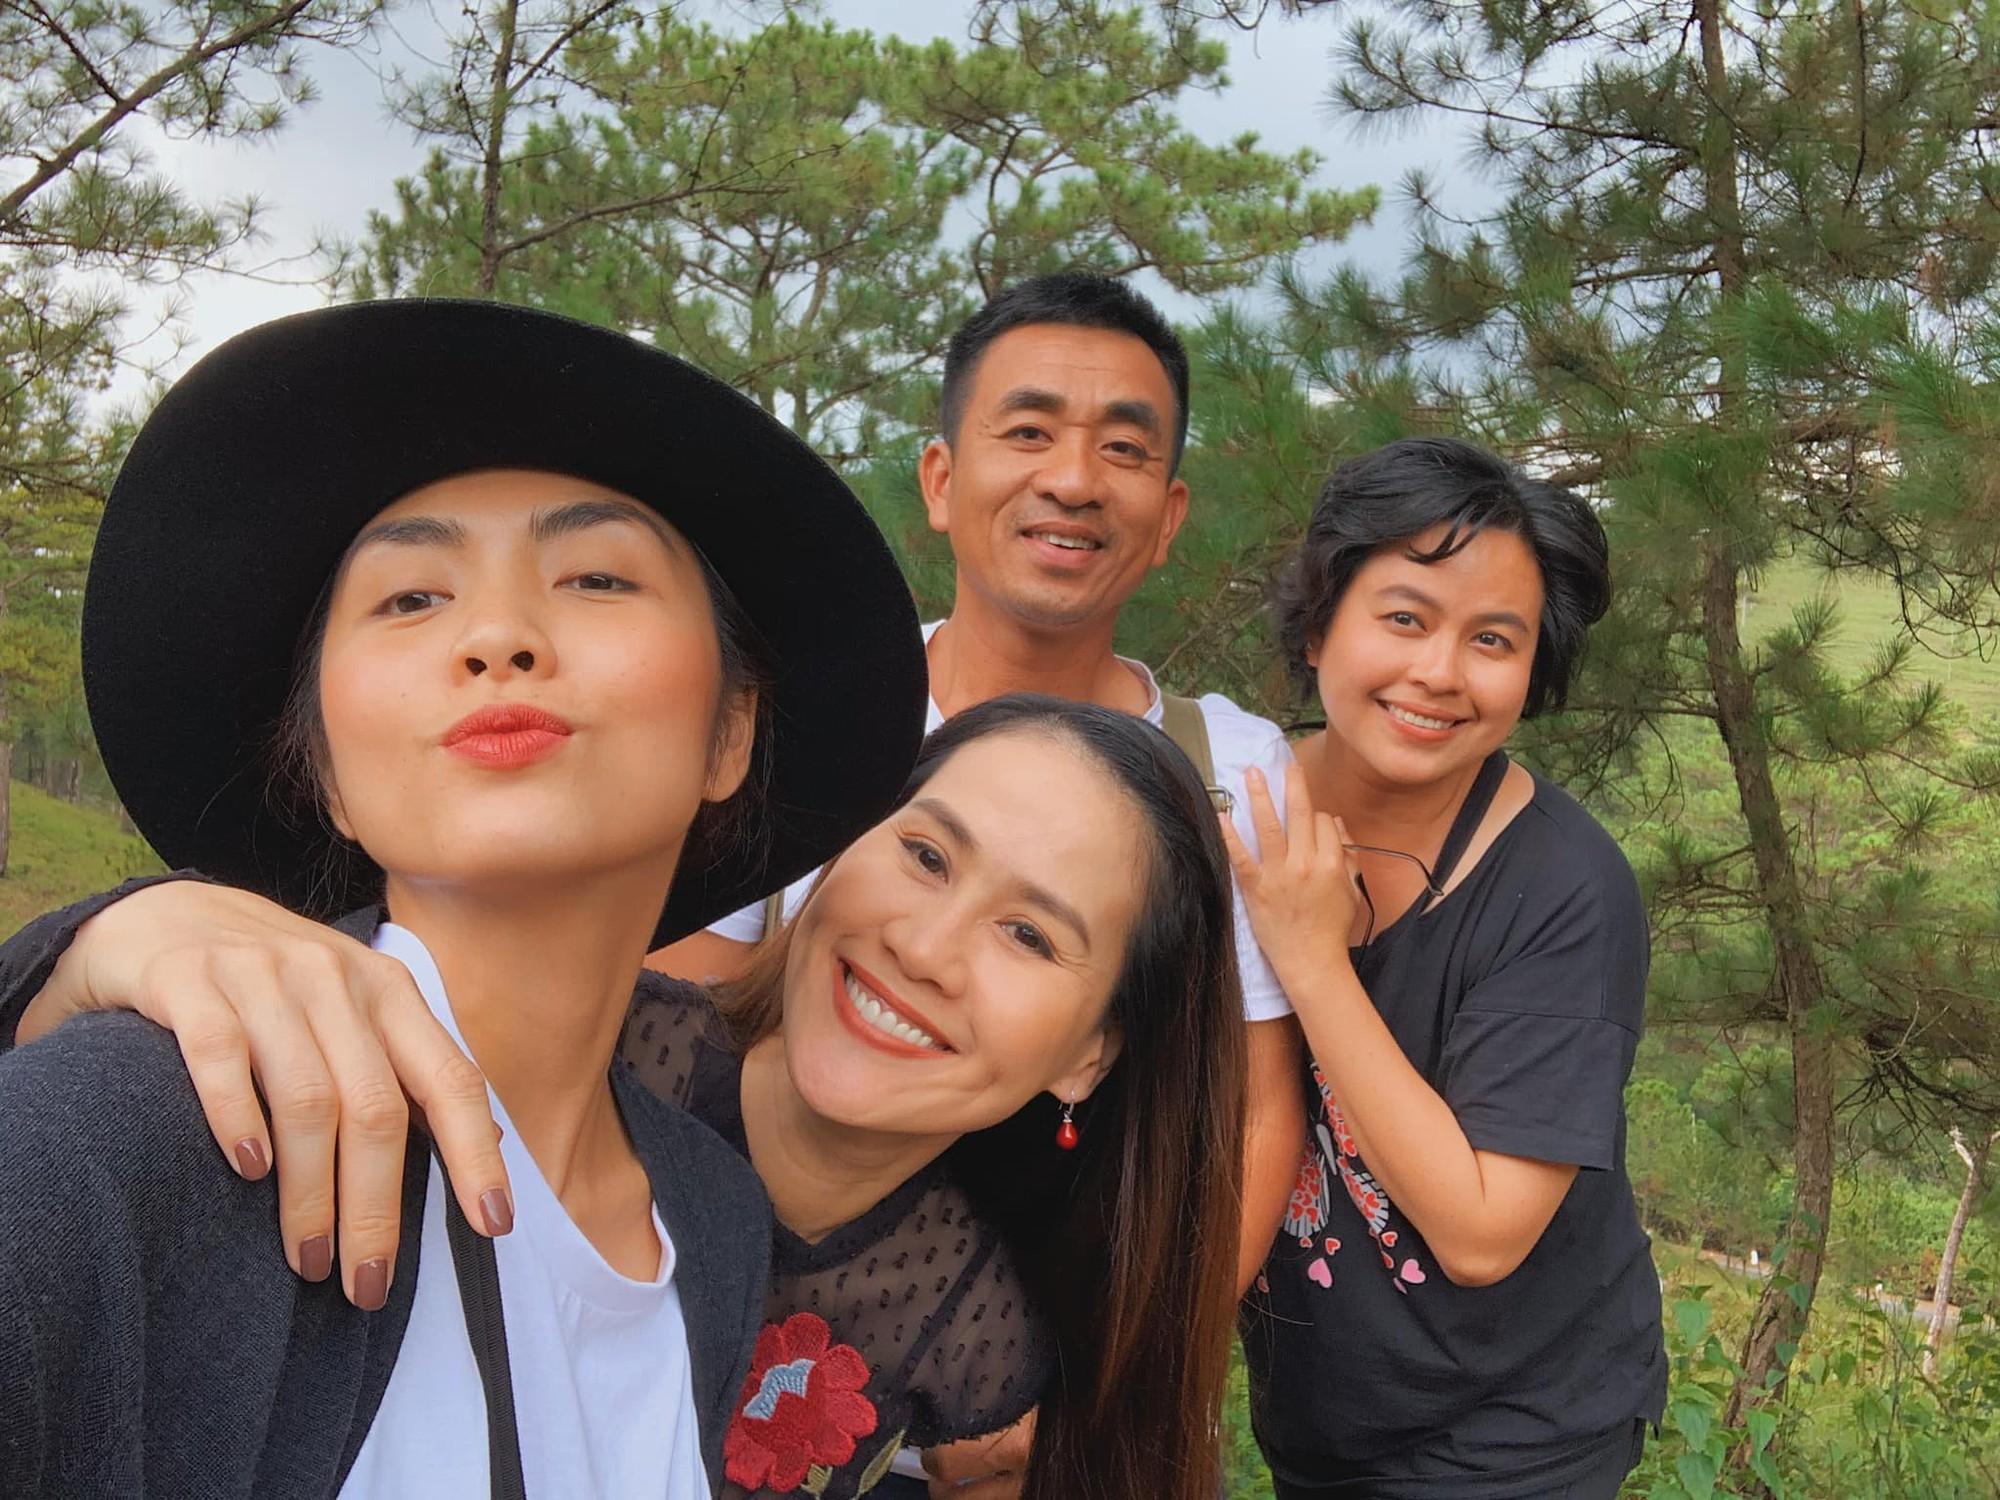 Hà Tăng rủ ông xã Louis Nguyễn lên tận đoàn phim ở Đà Lạt để thăm Thân Thúy Hà chỉ vì một lý do hết sức đơn giản - Ảnh 2.